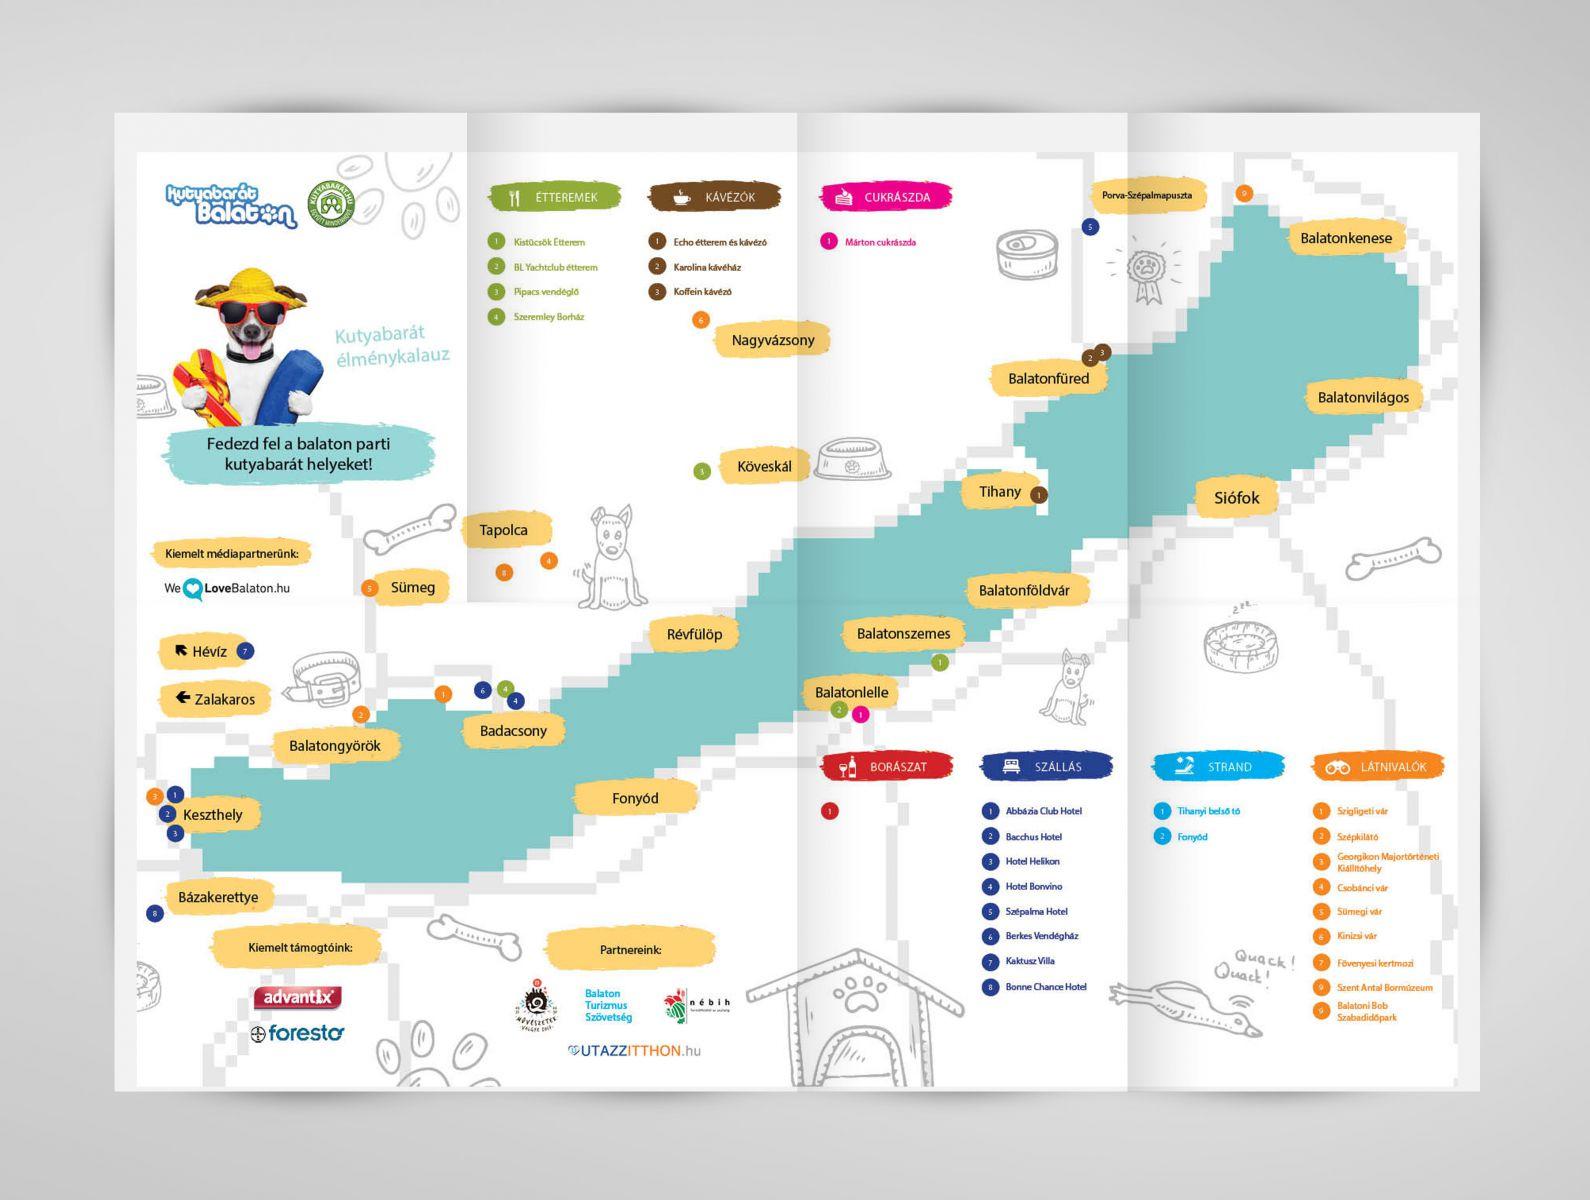 balaton térkép balatongyörök Kutyabarát Balaton Élménykalauz készül a felhőtlen kutyás  balaton térkép balatongyörök